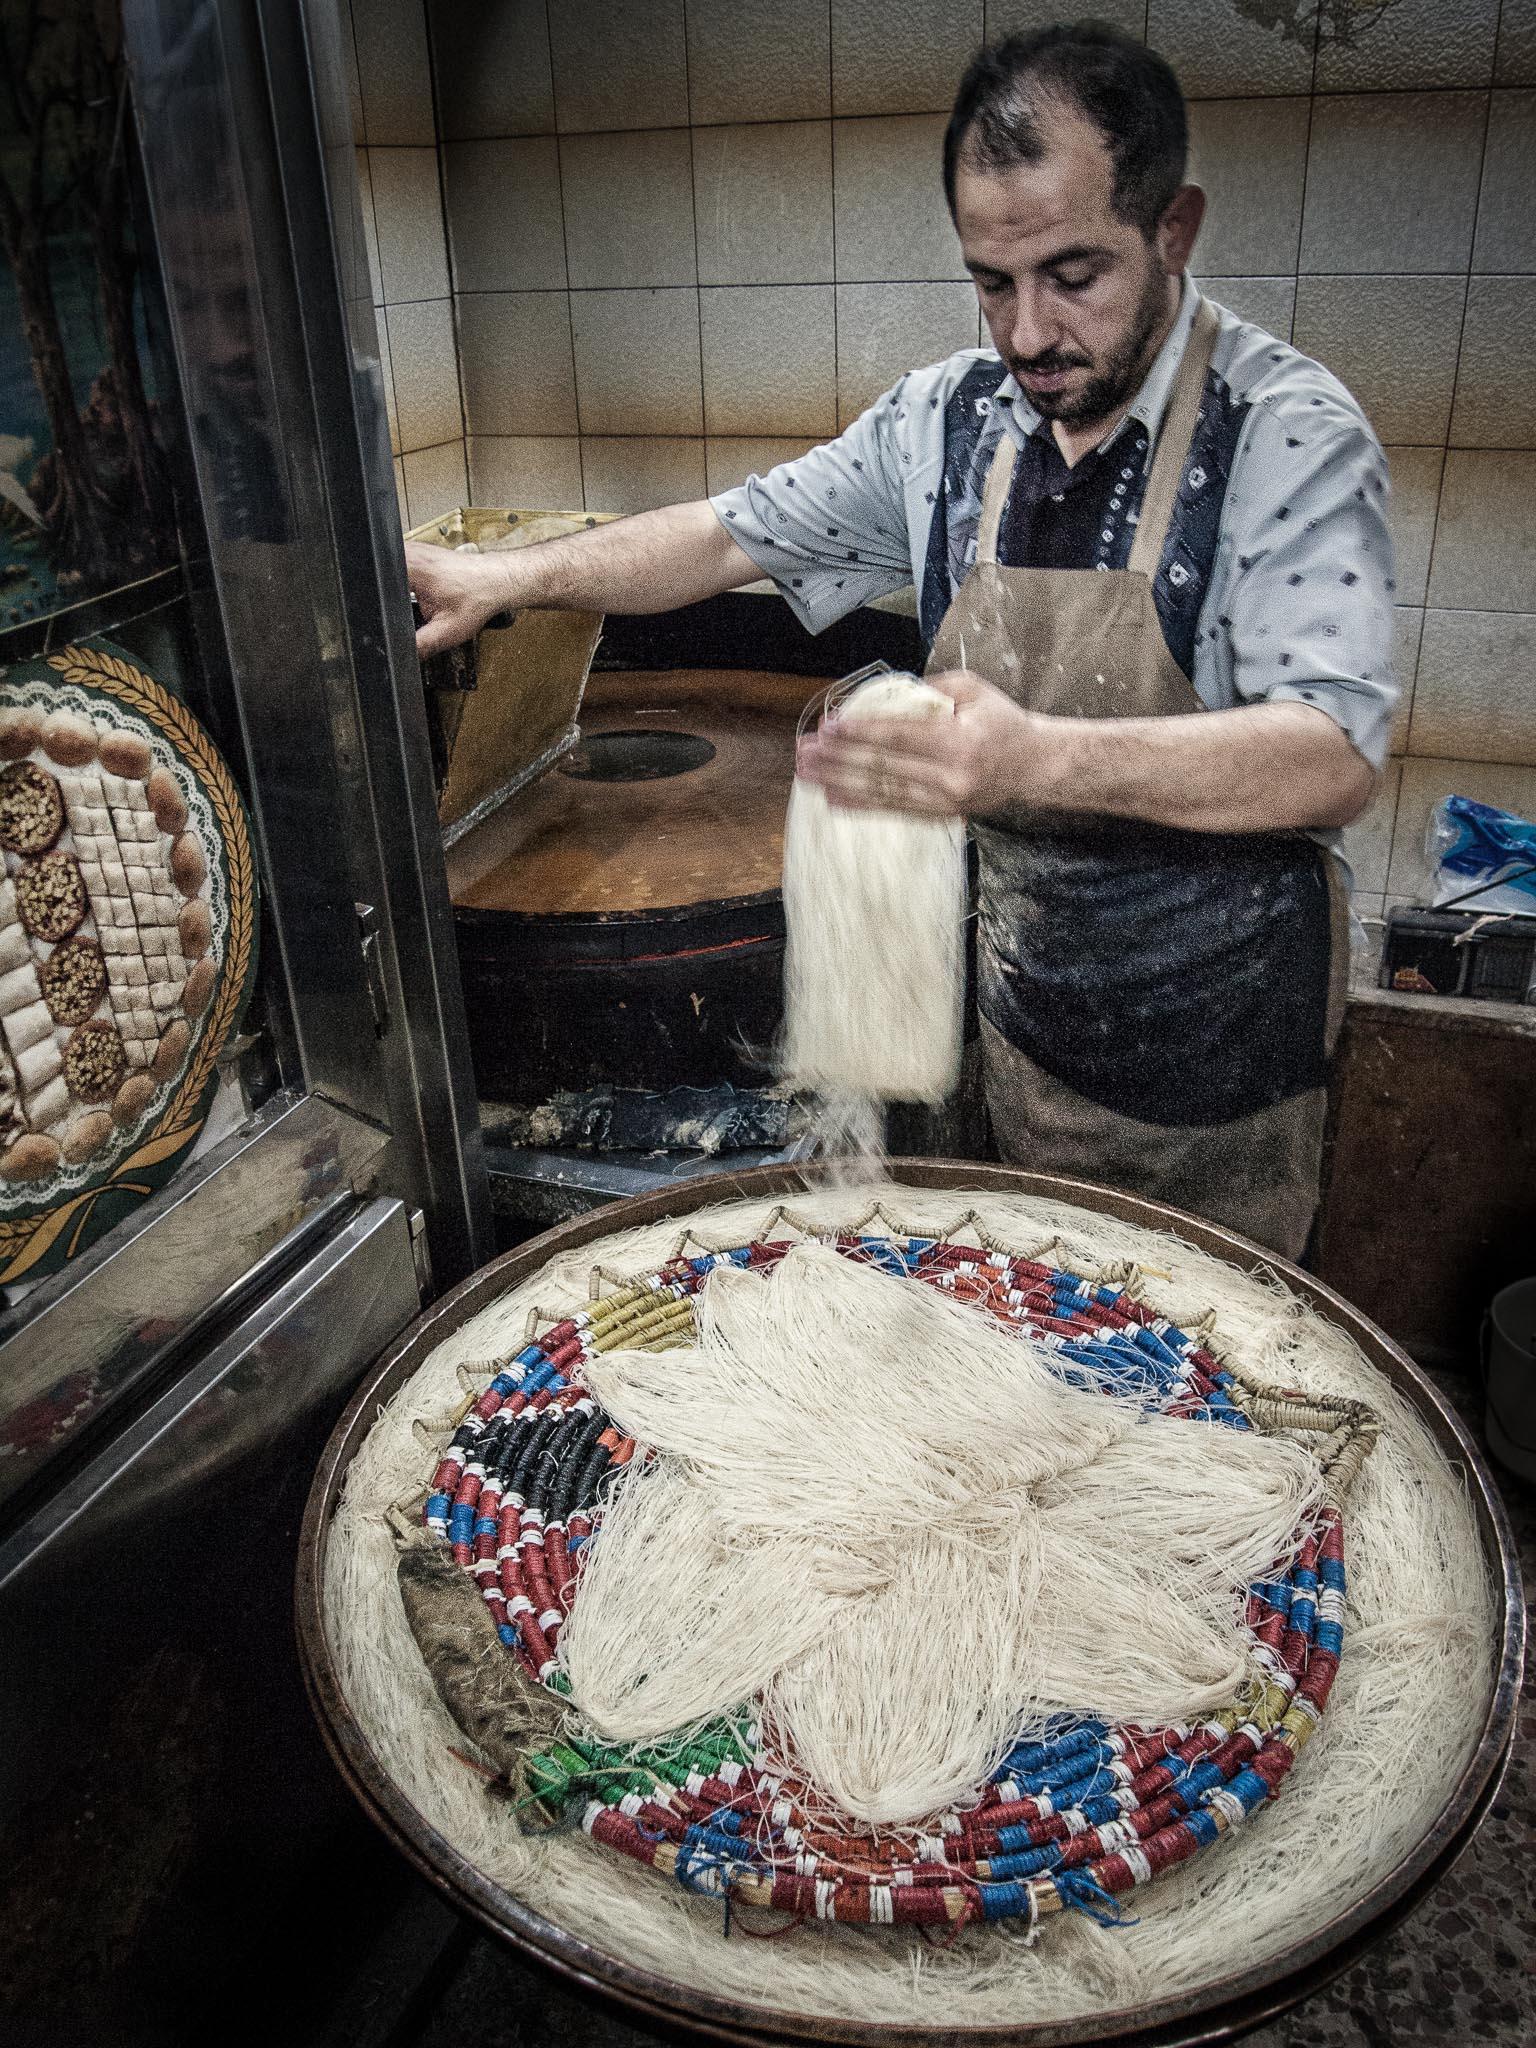 Stringy, sweat baklava in the making (Aleppo)